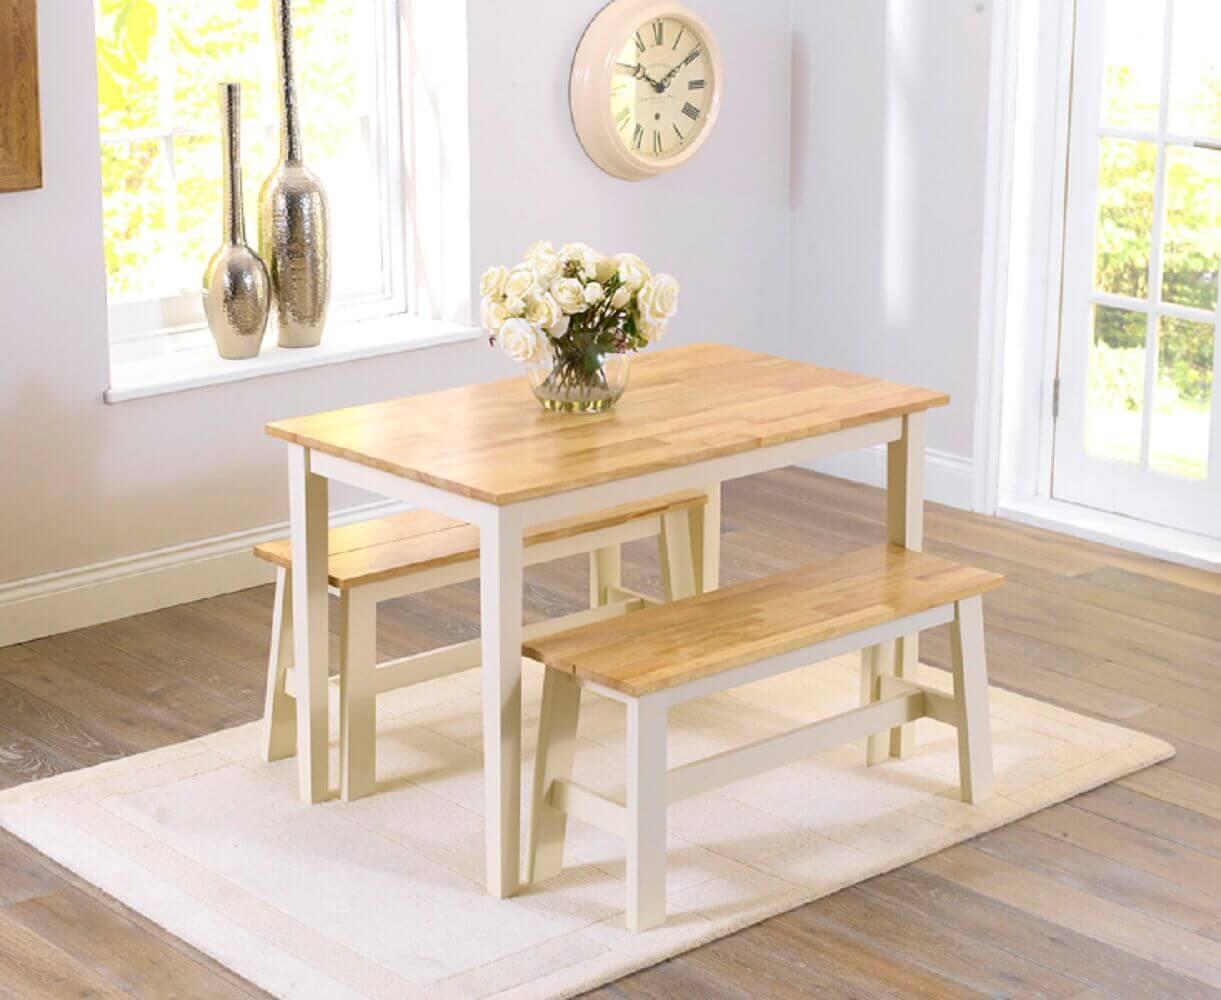 Mesa de jantar pequena 35 modelos para inspirar e decorar - Mesas pequenas ...